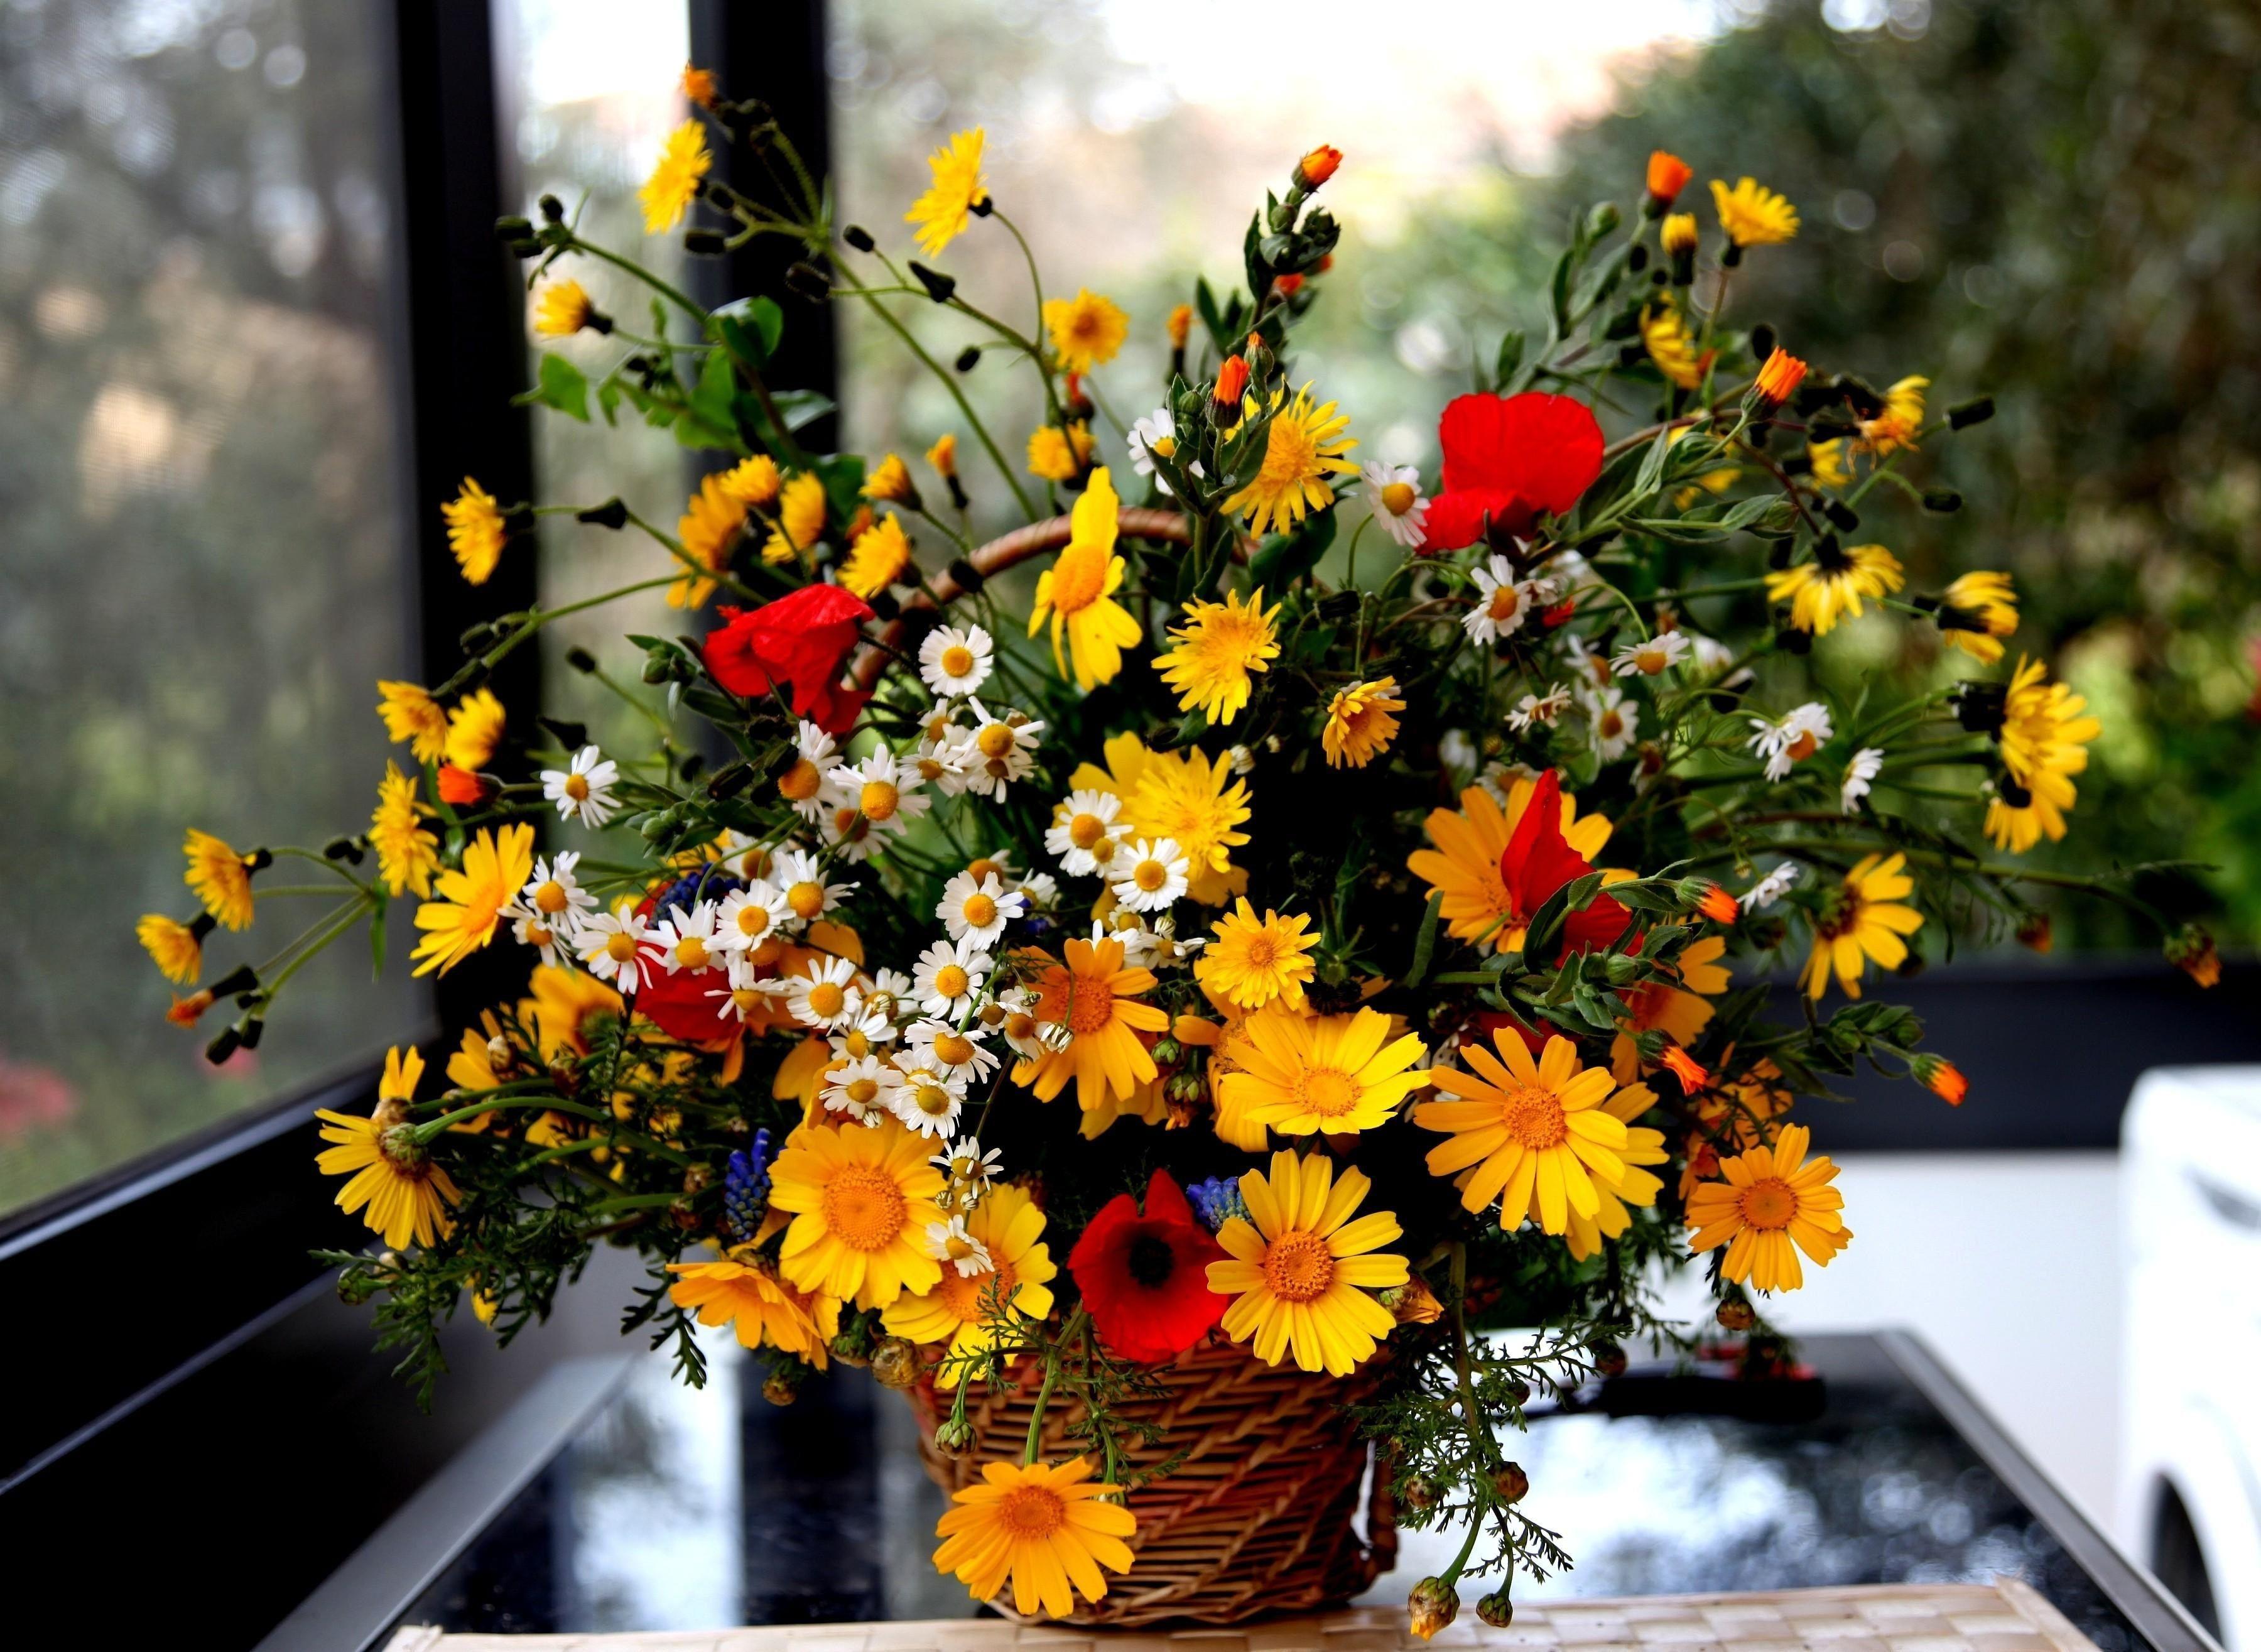 обои на рабочий стол осенние цветы композиции из цветов № 241416 бесплатно